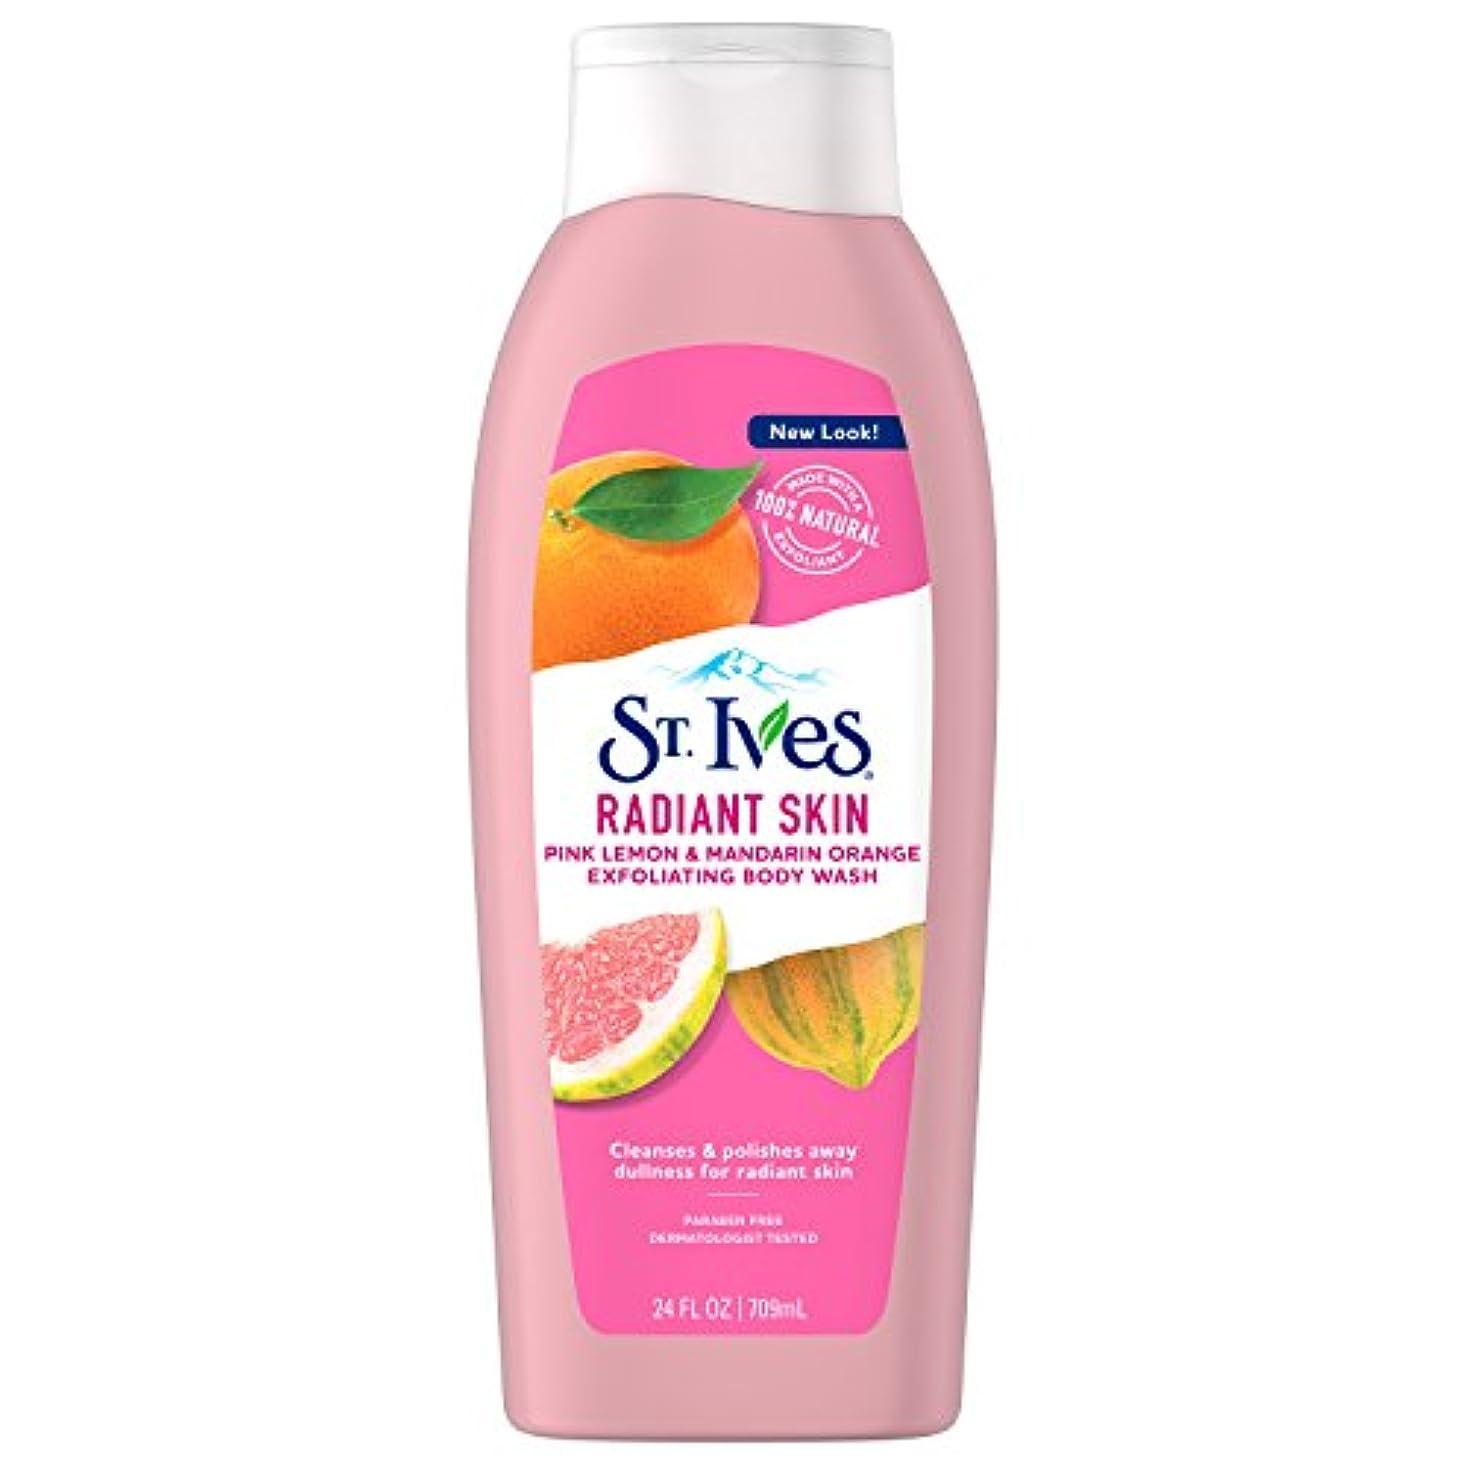 金曜日勝利エゴイズムSt. Ives Even & Bright Body Wash, Pink Lemon and Mandarin Orange 24 oz by St. Ives